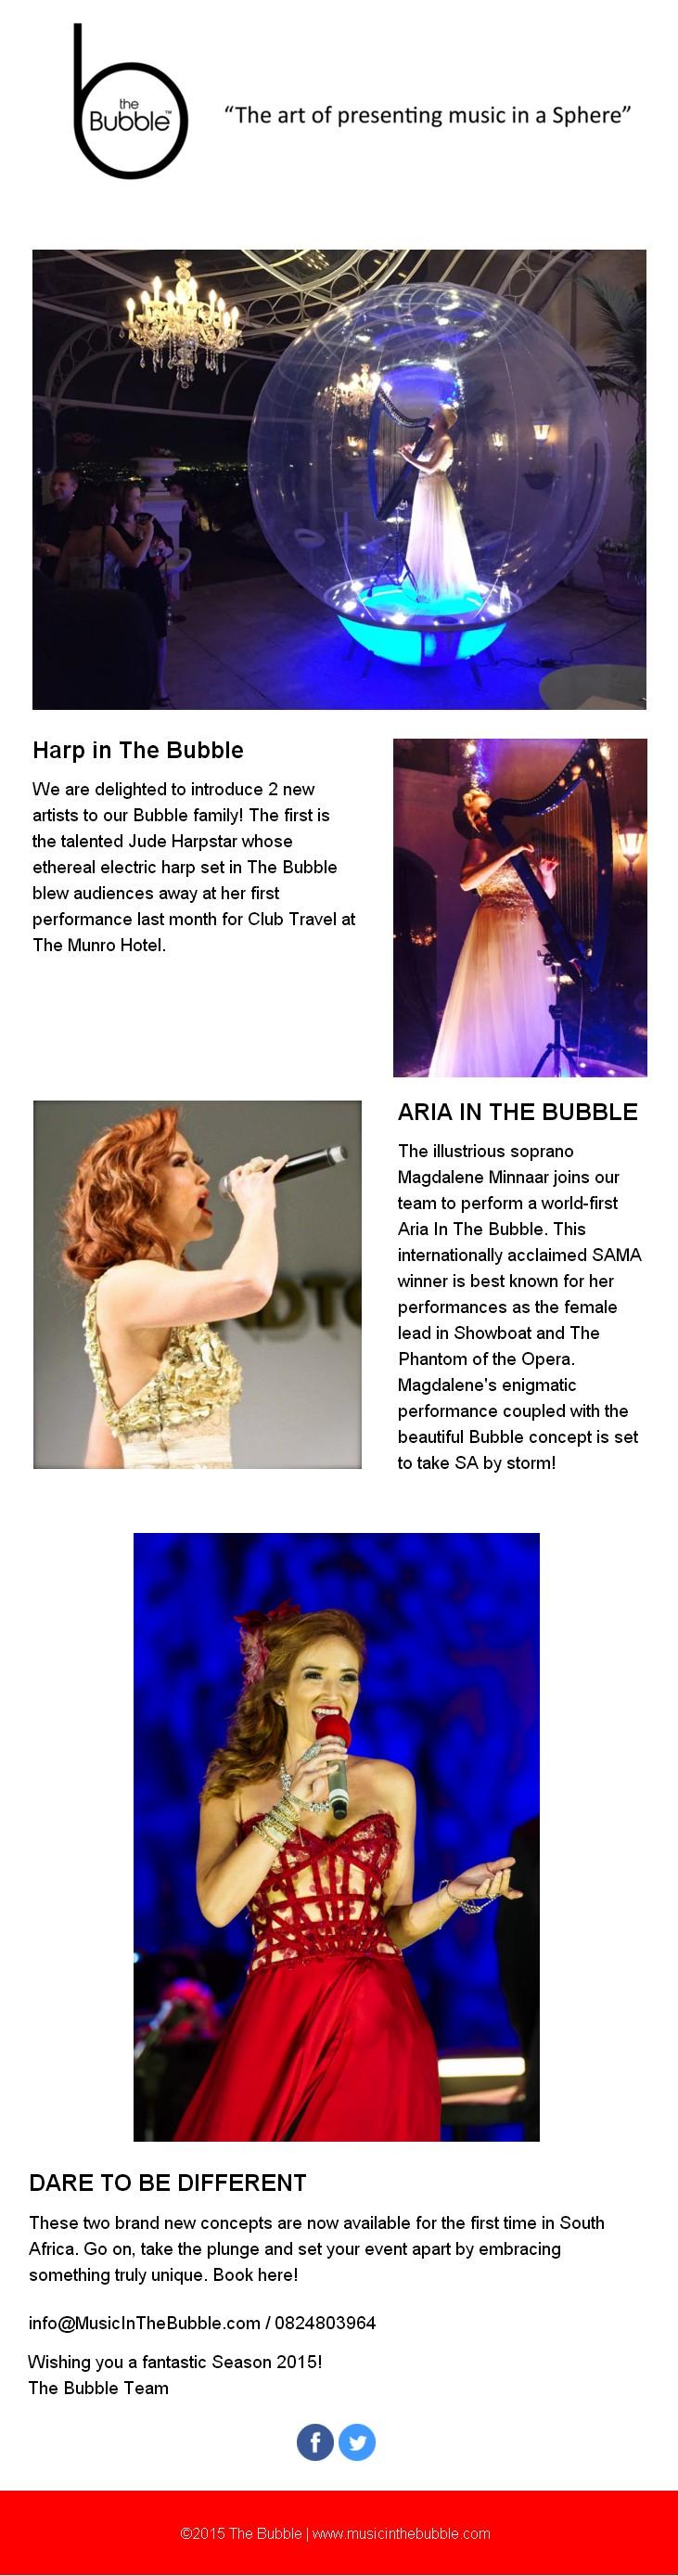 HARP & ARIA IN THE BUBBLE